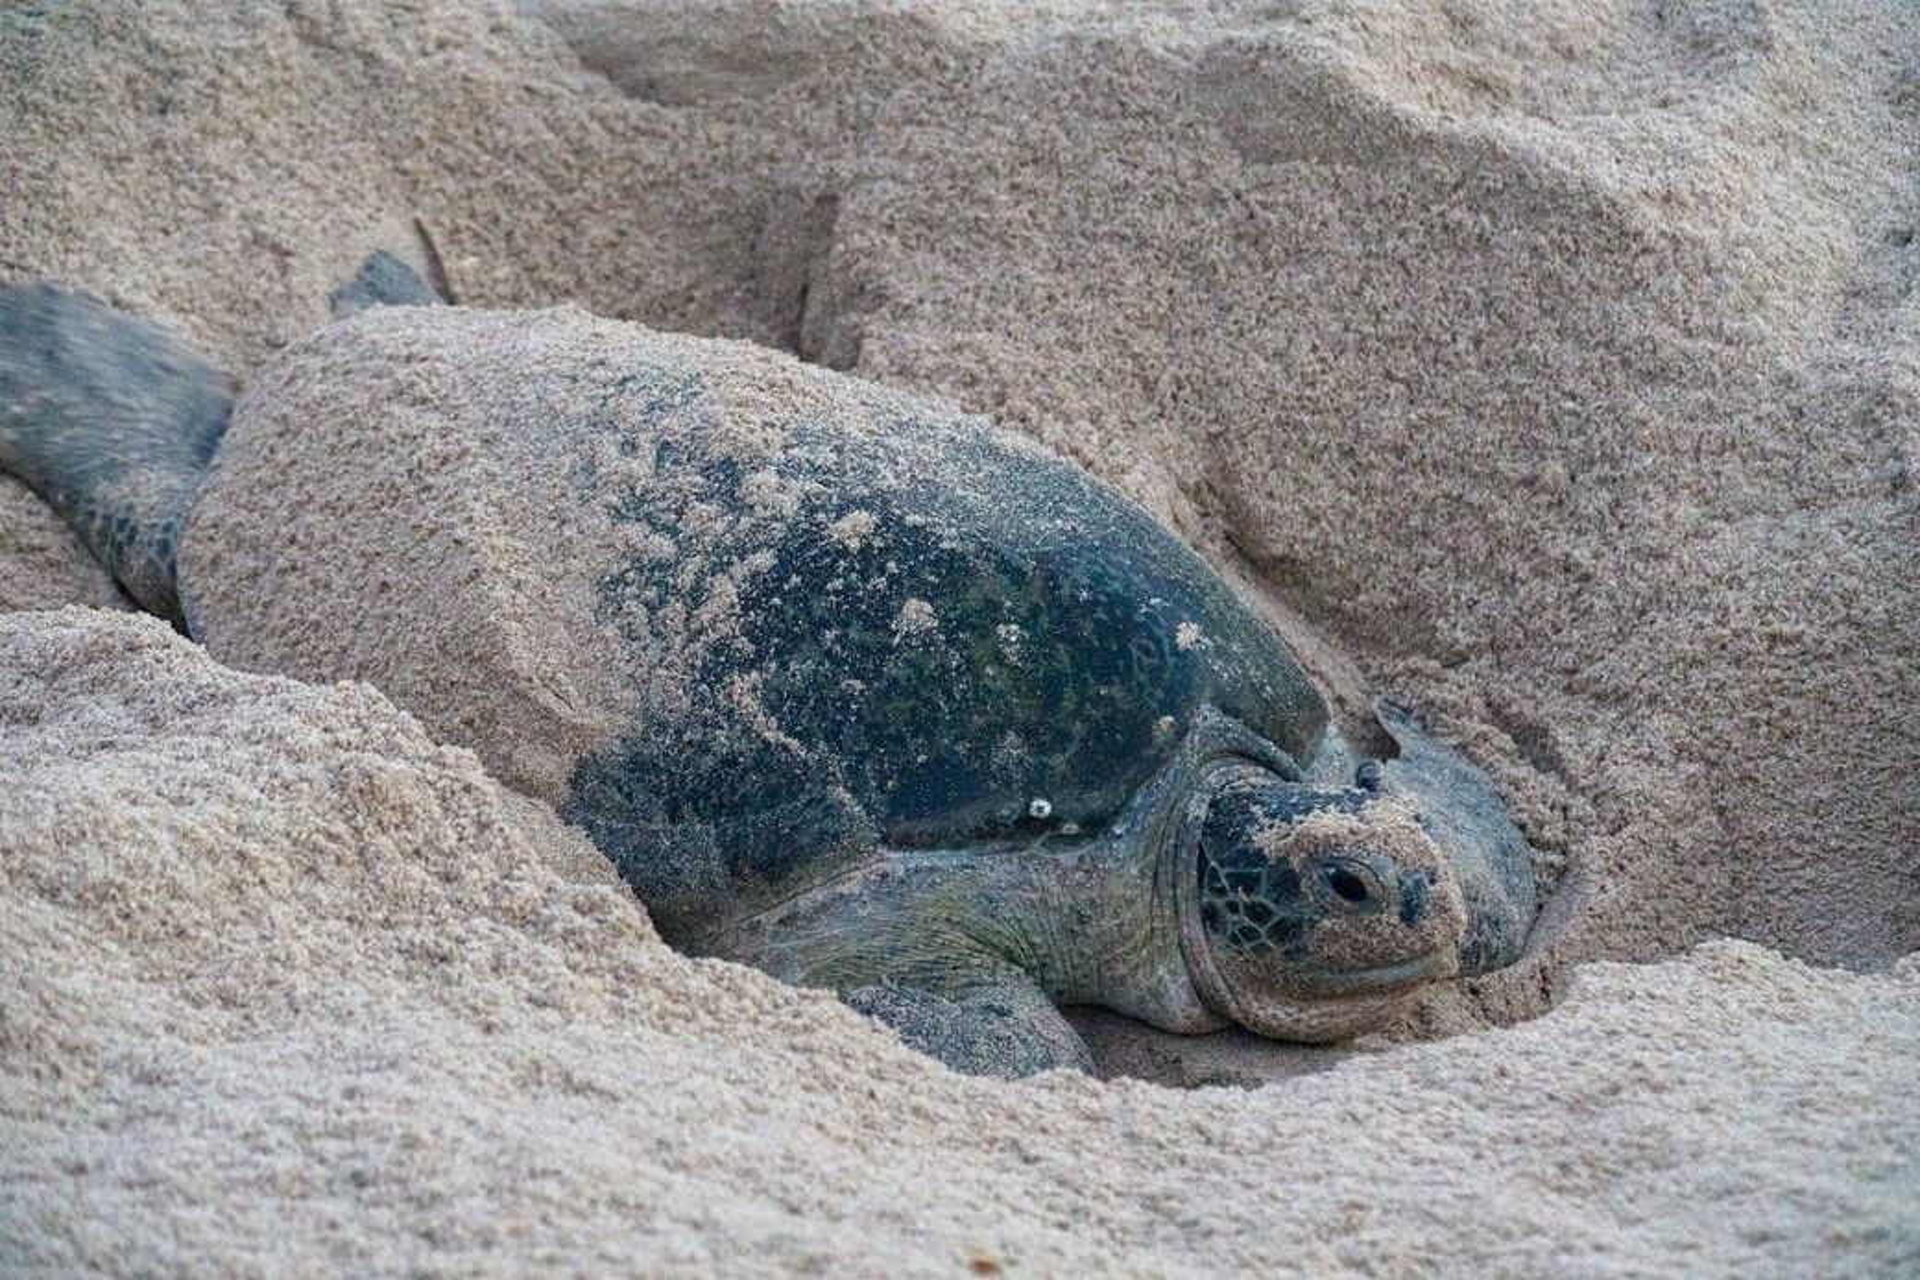 Tartarugas sempre voltam à praia onde deixaram seus ovos, graças ao magnetismo (Fonte: Unsplash)